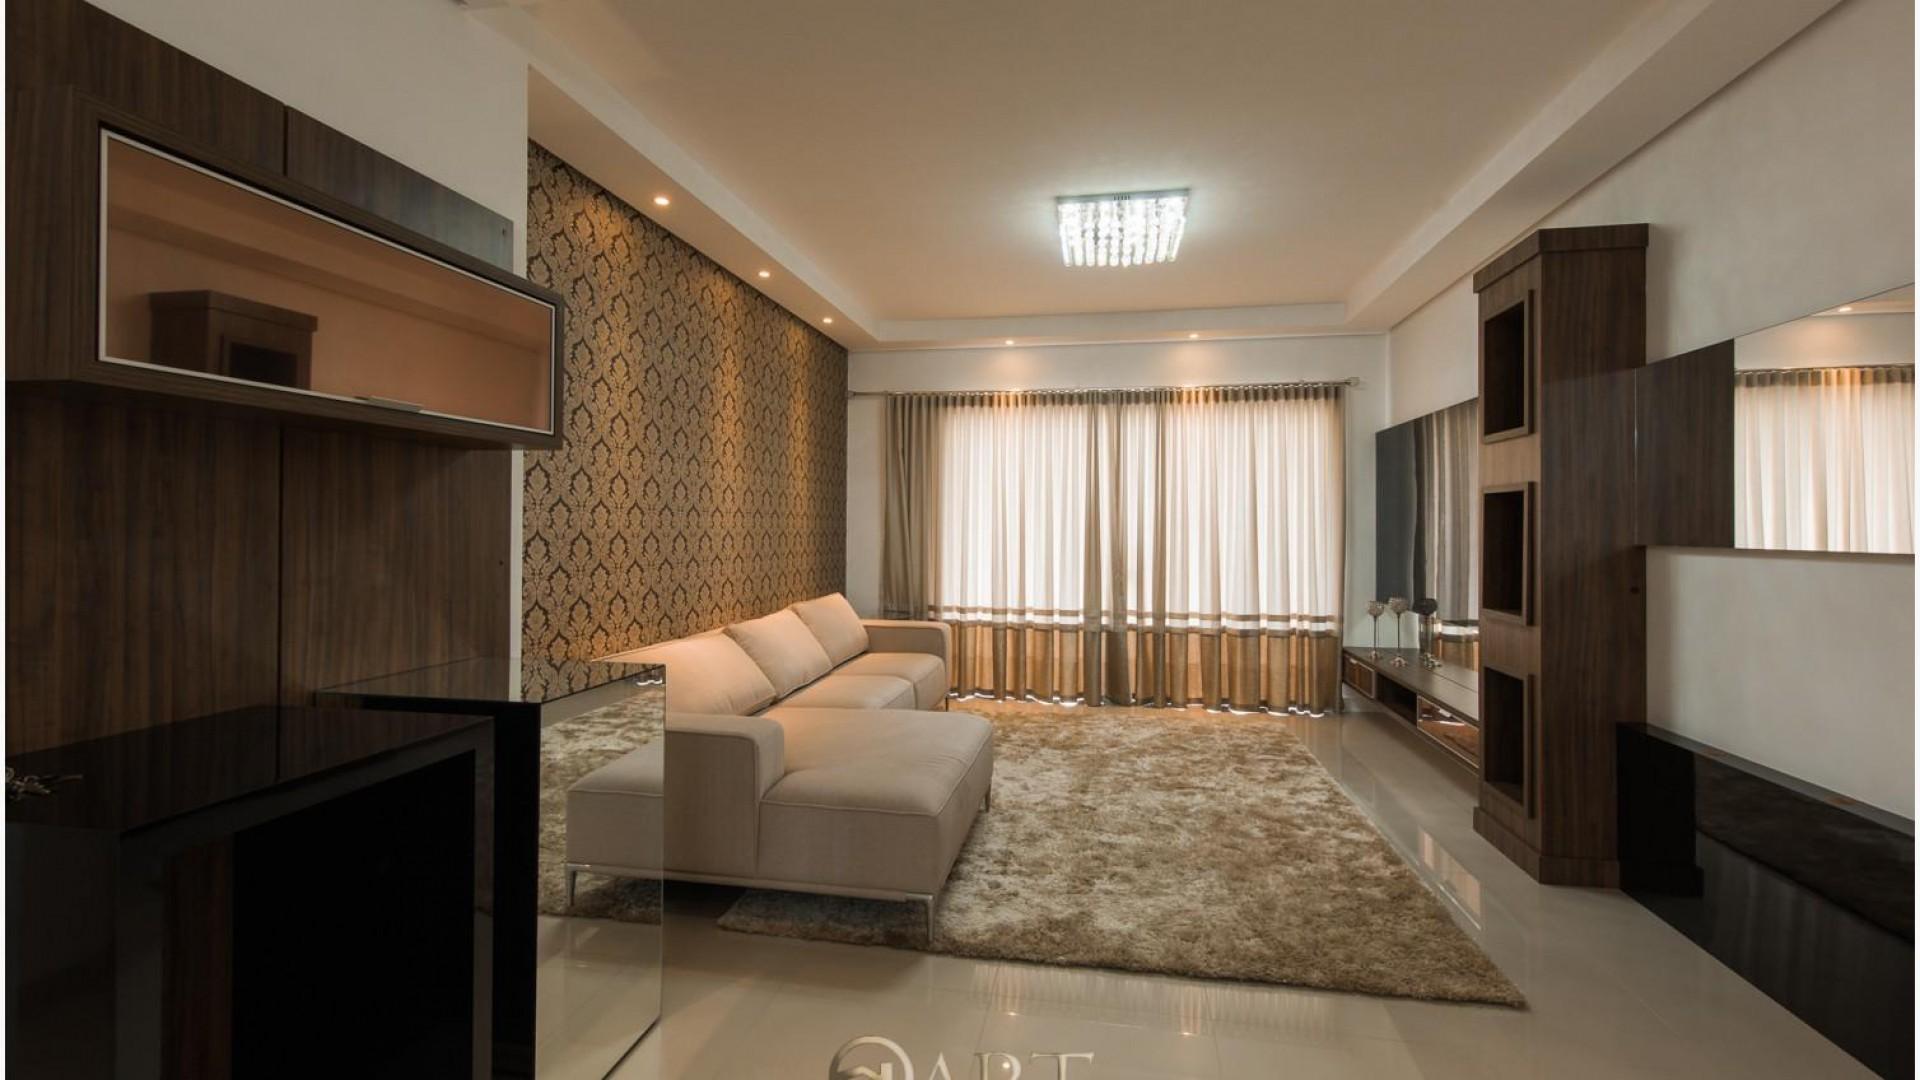 Apartamento com 3 suítes abastecido com Água Termal em Termas do Gravatal - Foto 1